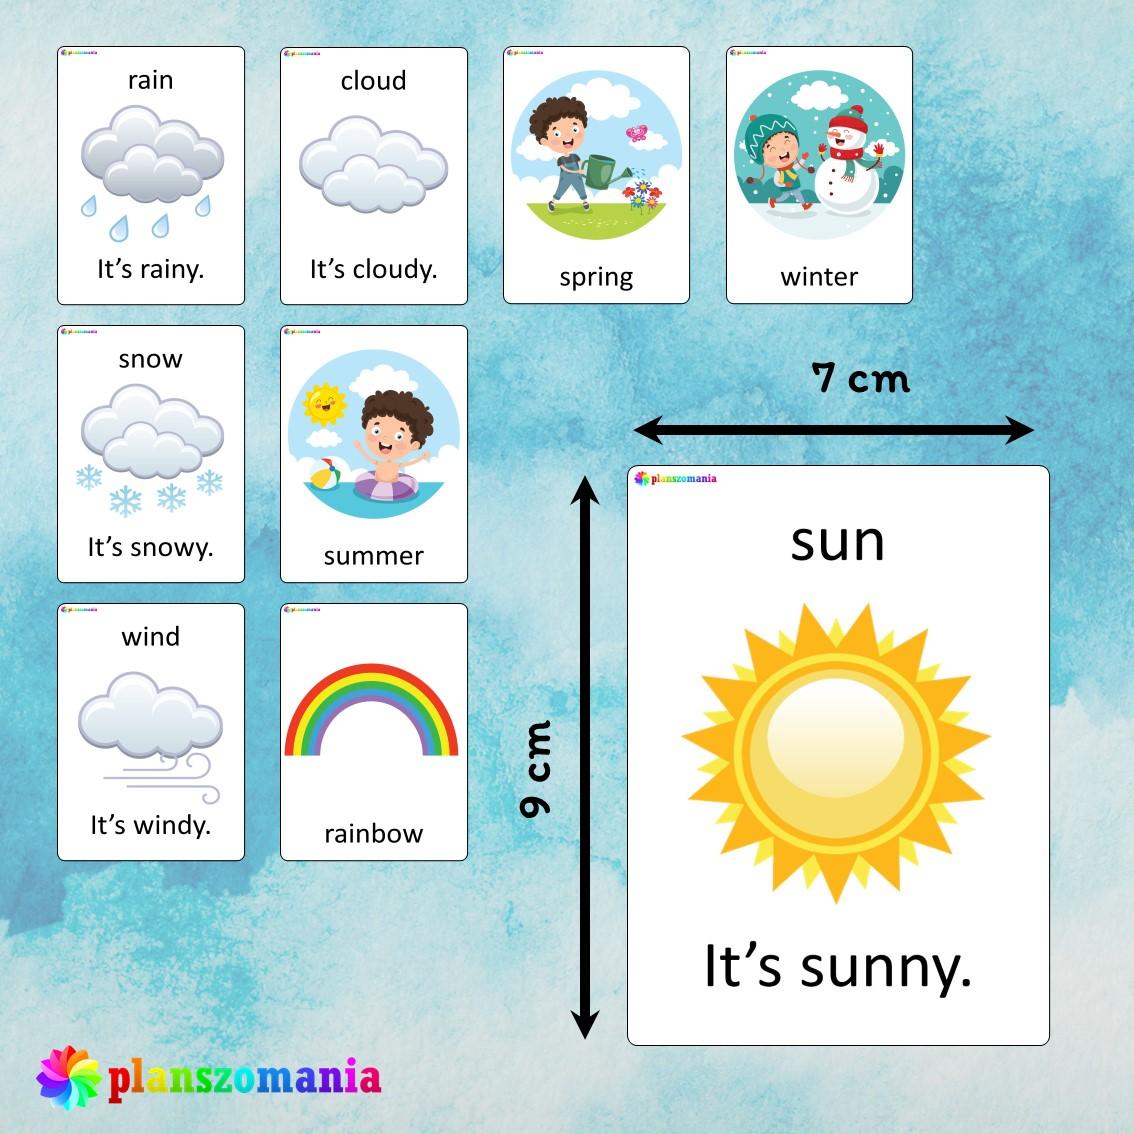 seasons weather flashcards język angielski english version fiszki do nauki słówek pdf do druku